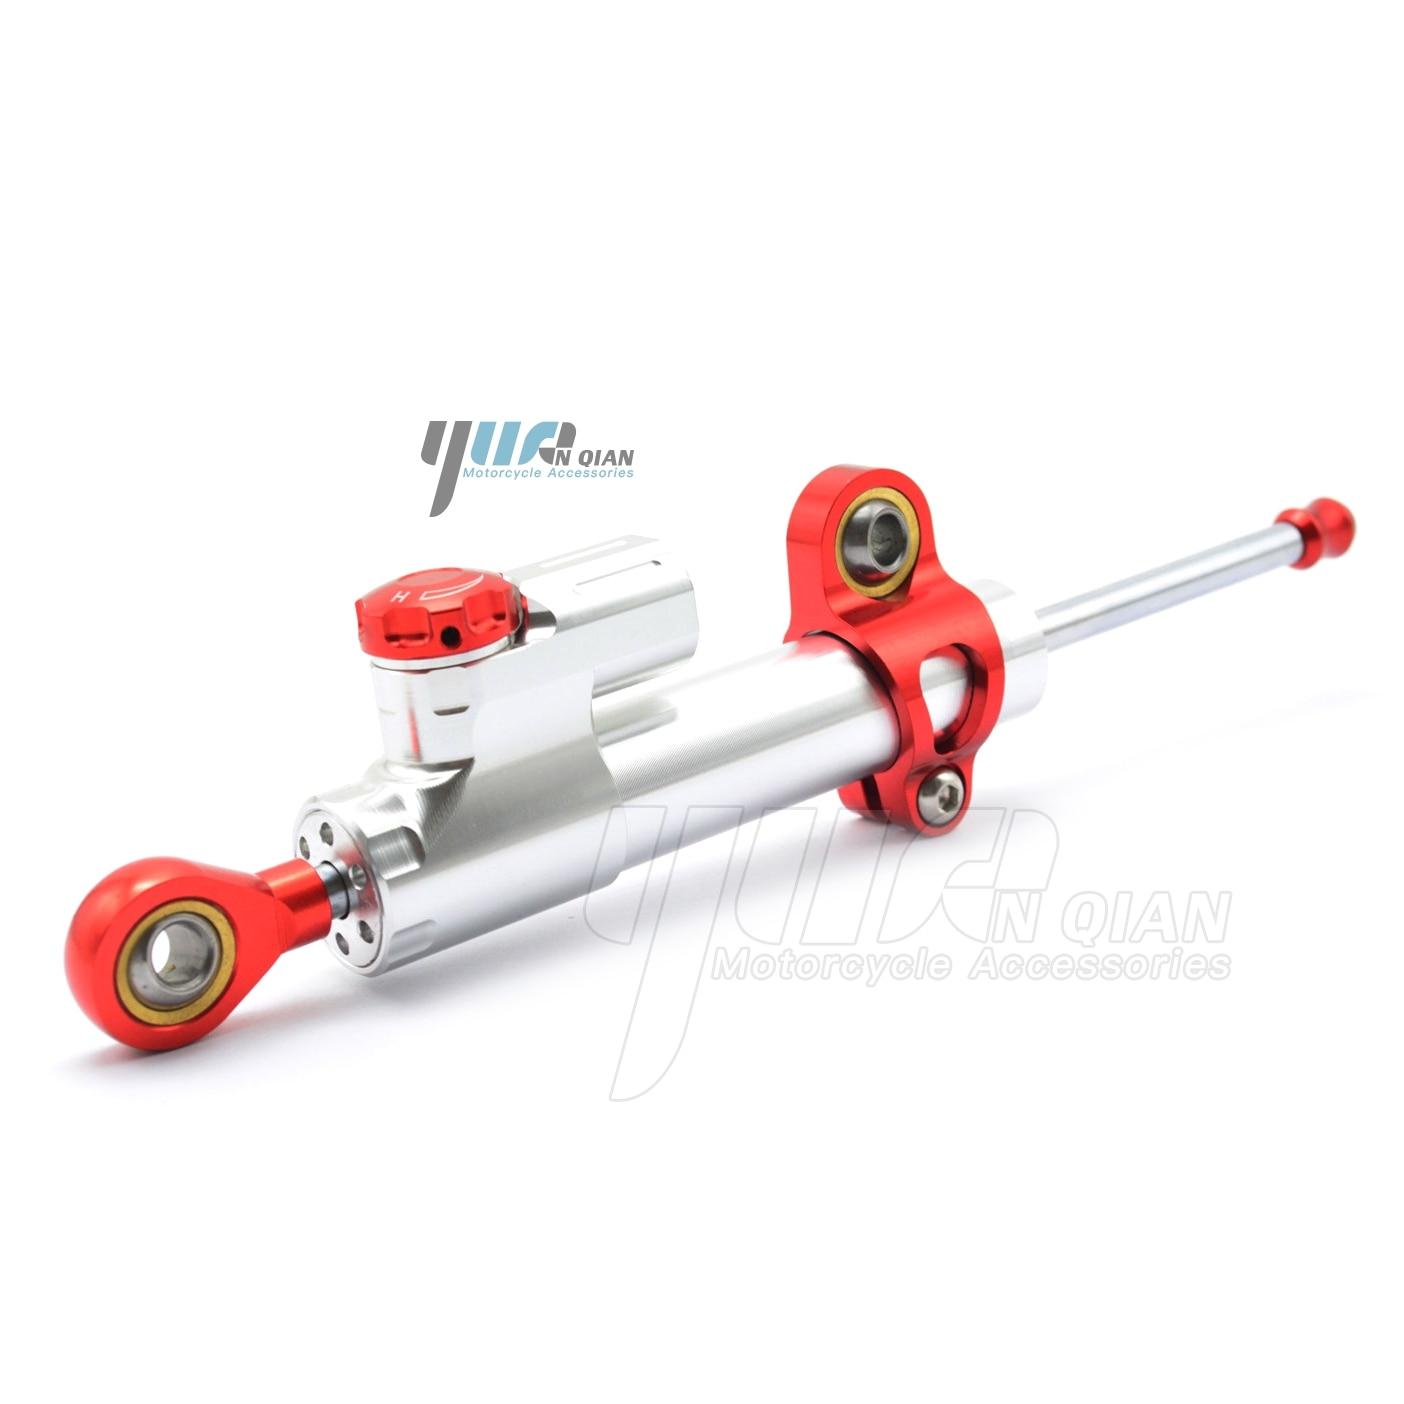 Motorcycle Steering Stabilize Damper Damper Steering For KTM SUPERDUKE 990 1190 Adventure RC8 Duke 200 125 Benelli bn300 bn600 for ktm 990 superduke